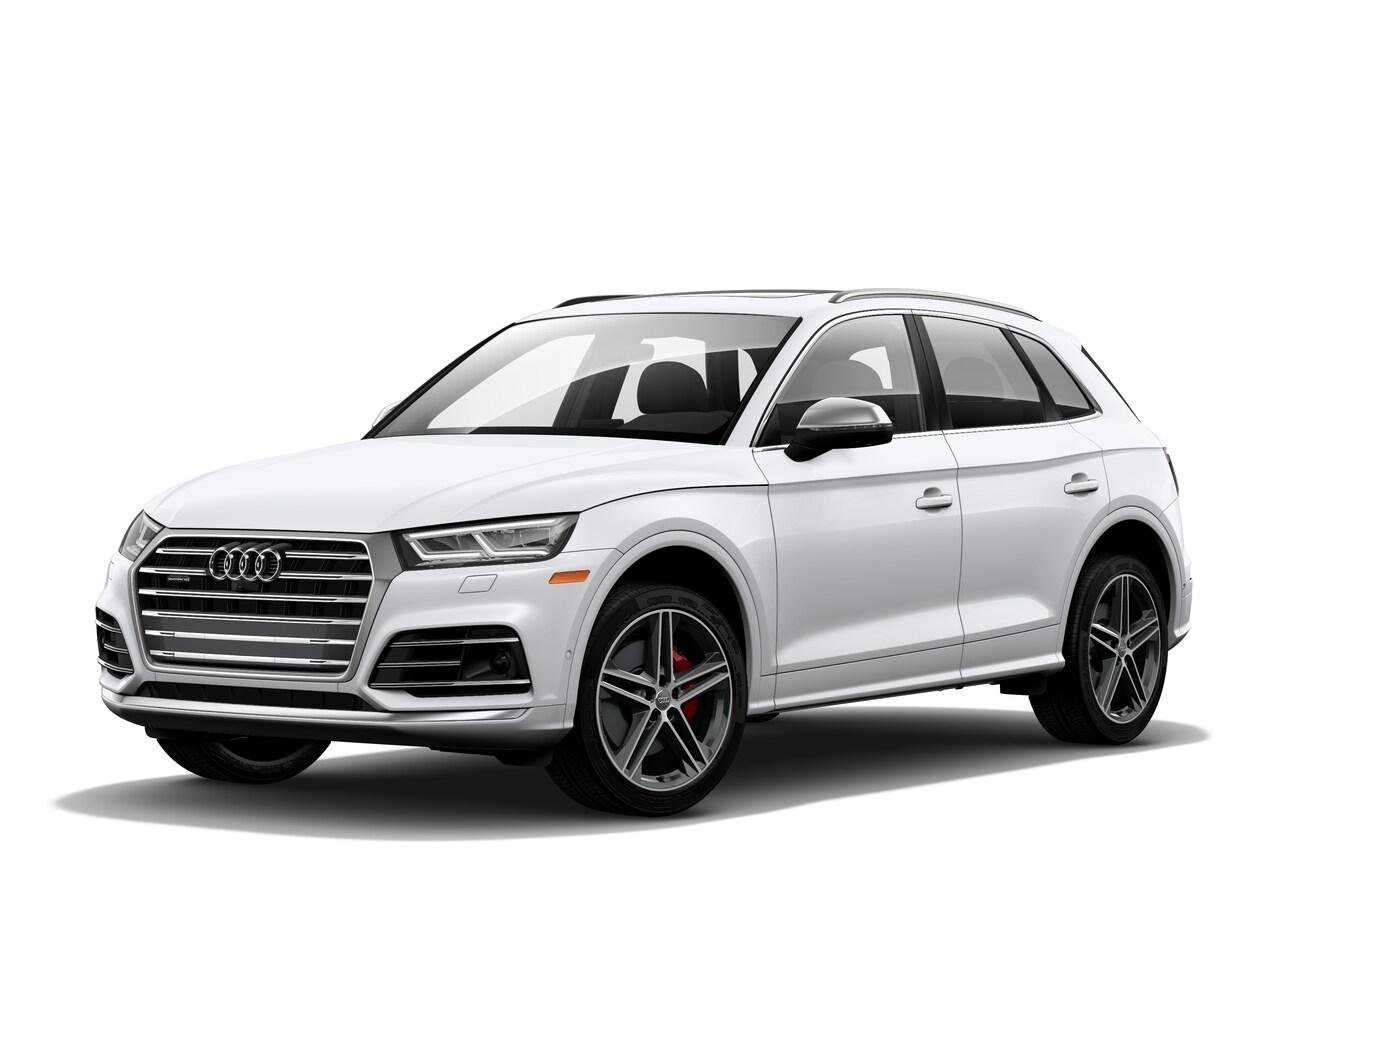 2019 Audi SQ5 SUV